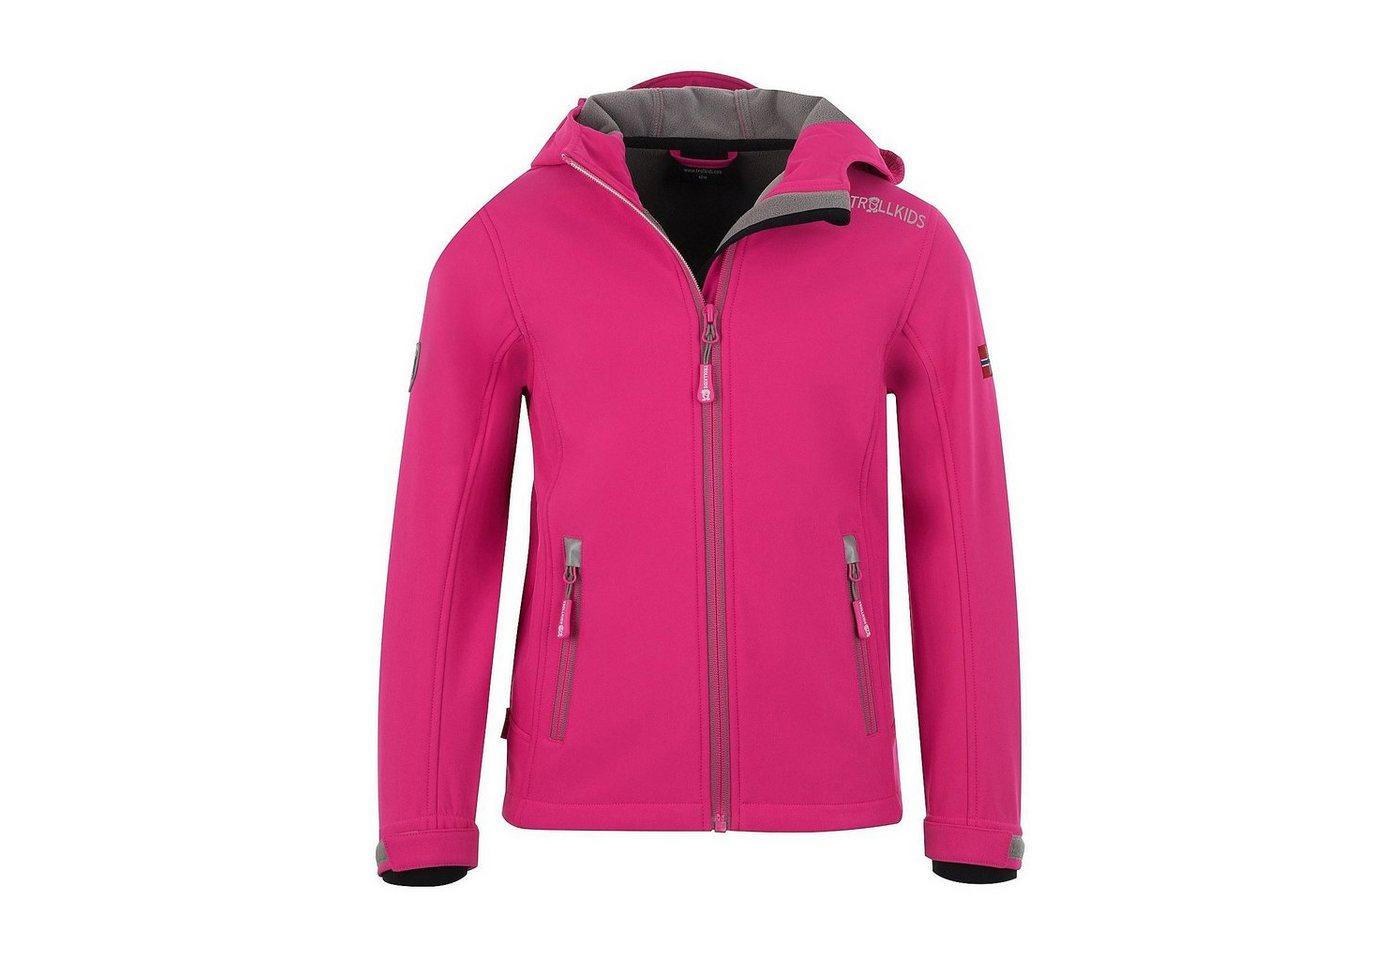 Damen,  Mädchen,  Kinder TROLLKIDS Softshelljacke TROLLFJORD für Mädchen rosa | 04260507057907